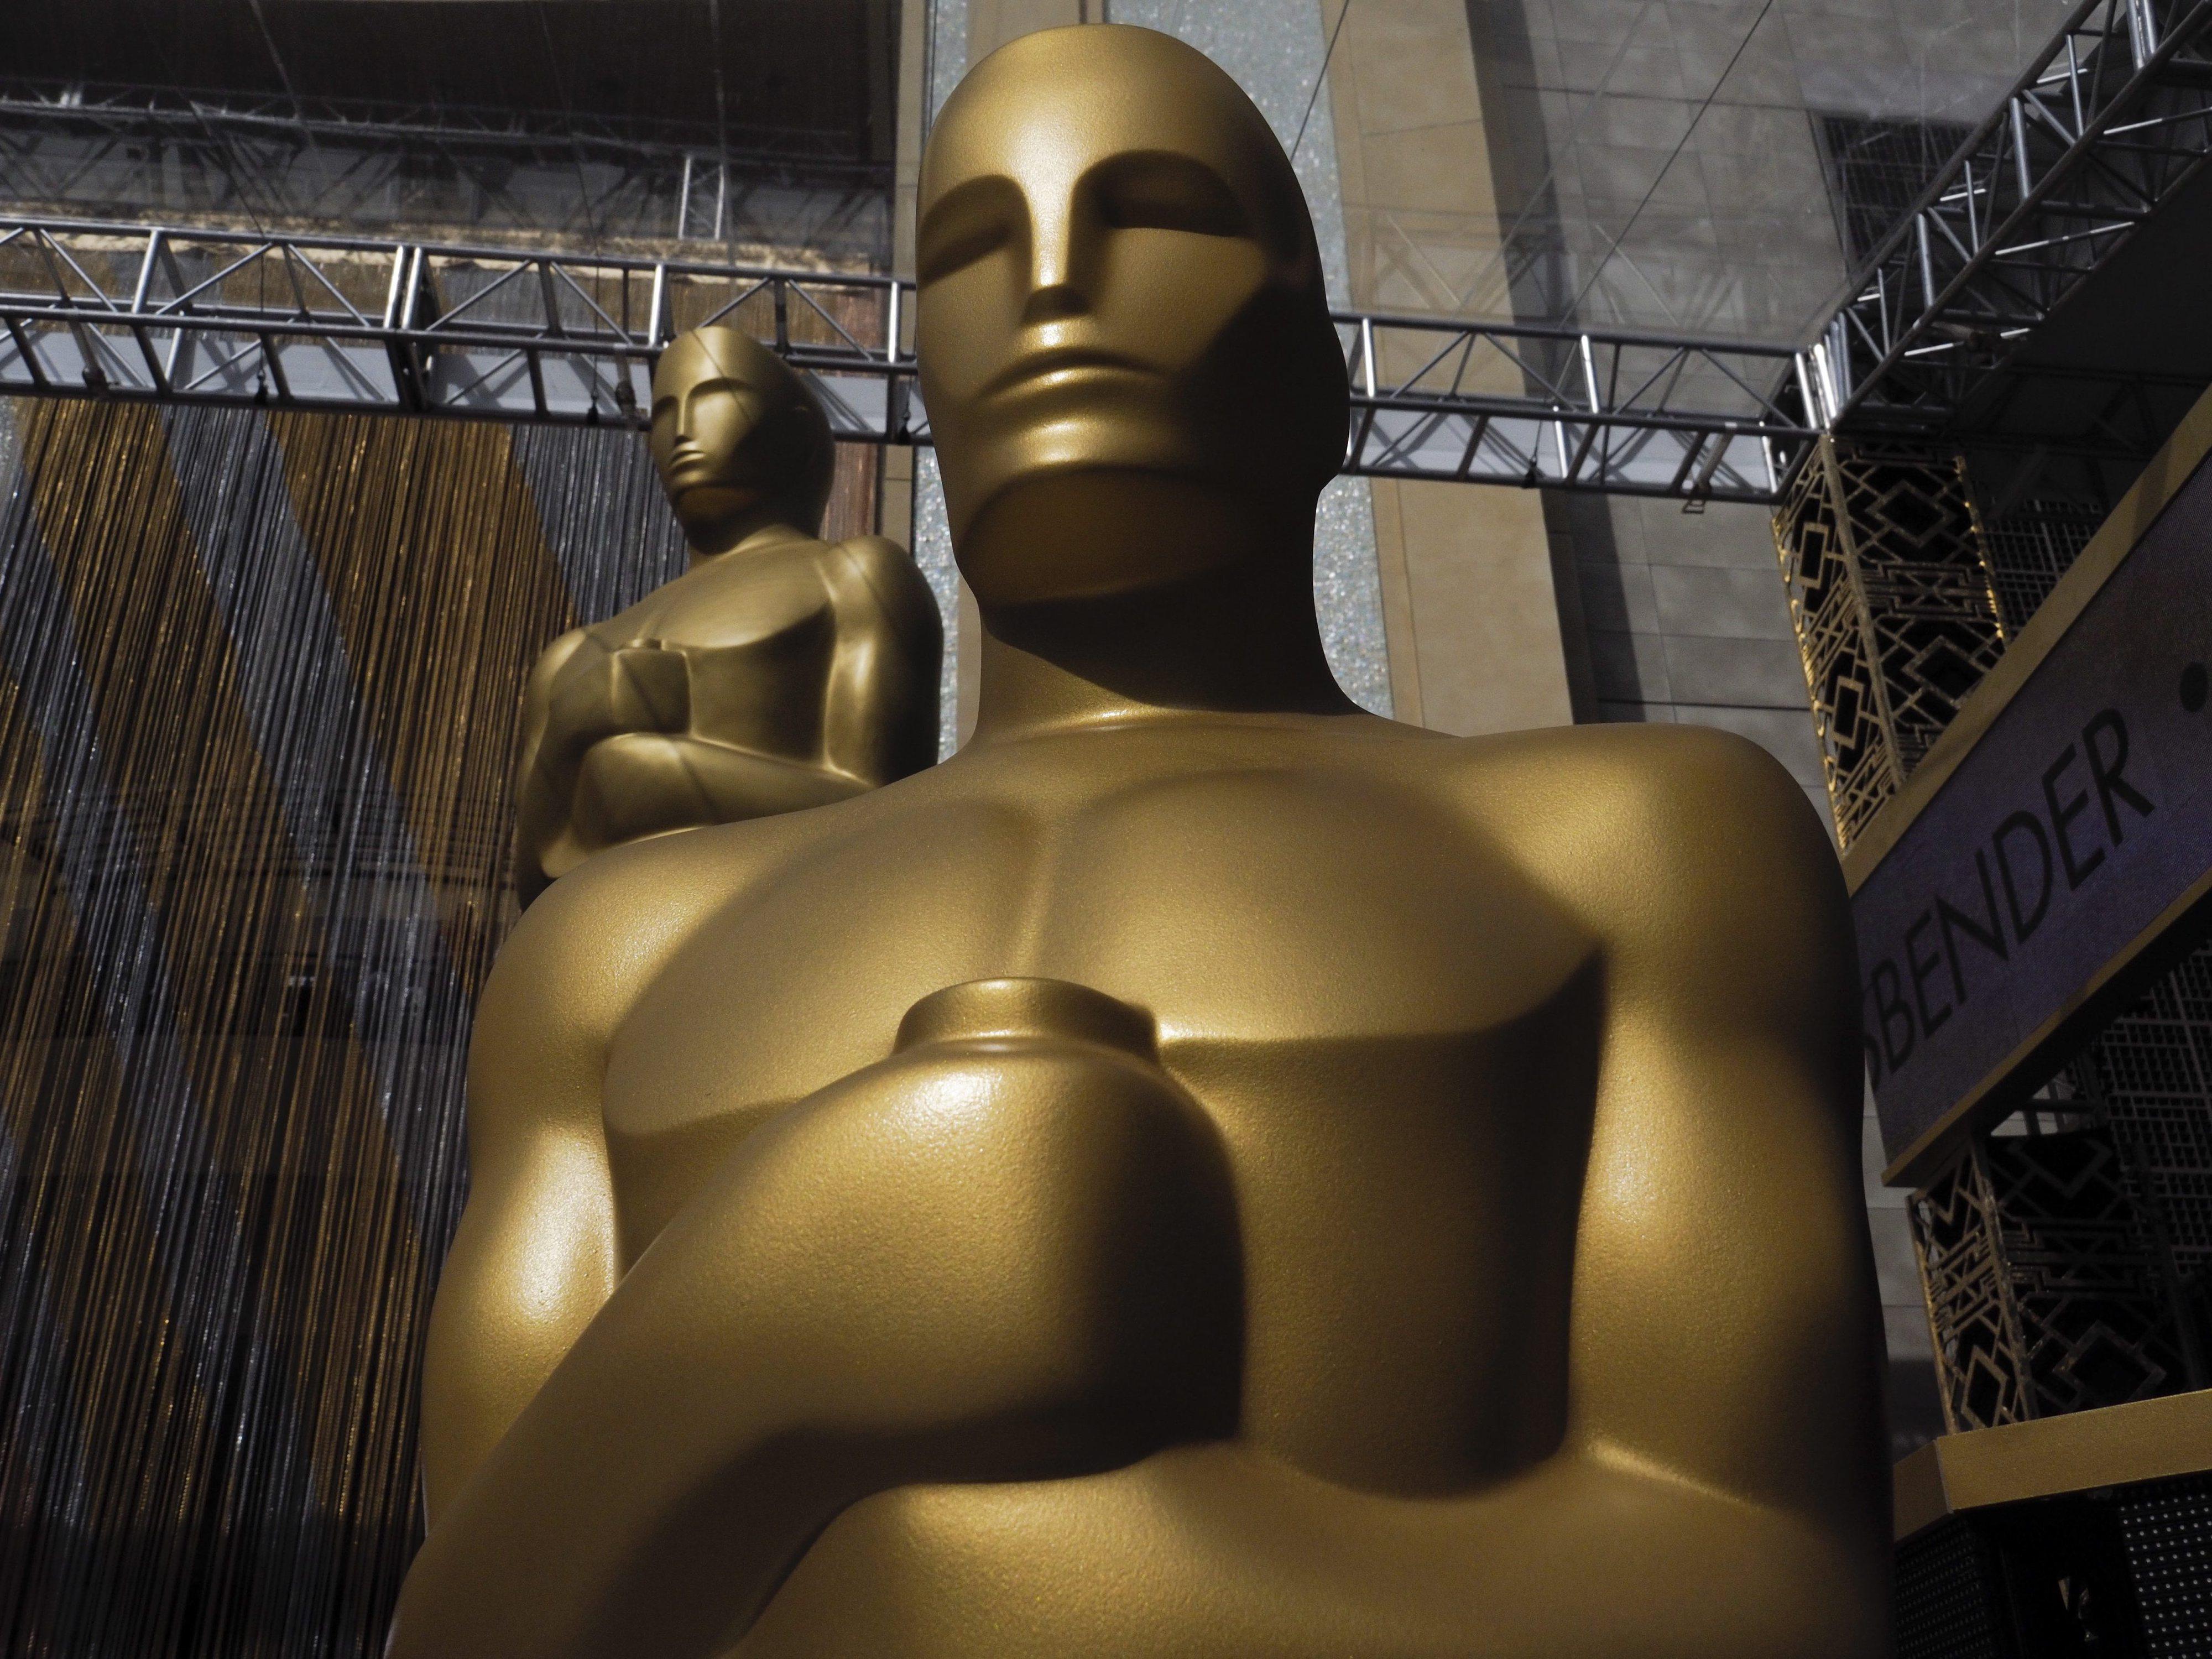 Óscares: Nomeações são hoje reveladas e há um grande (e destacado) favorito